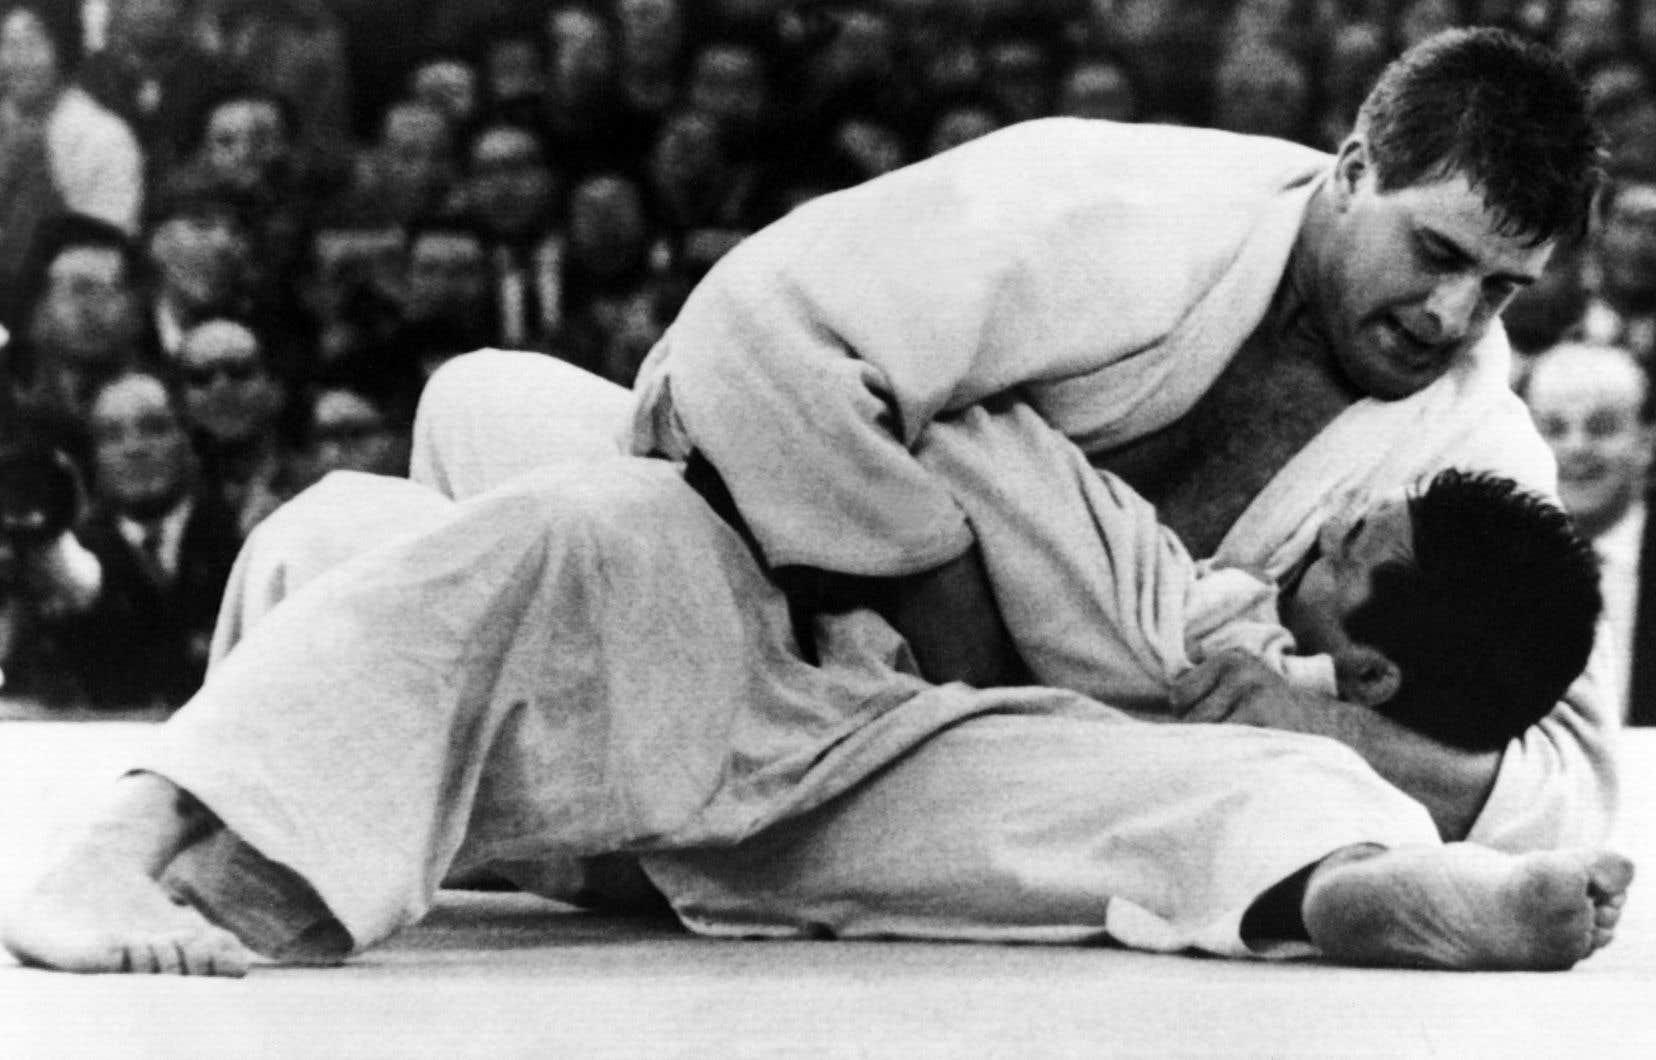 Le judo fait son entrée aux Jeux olympiques de Tokyo en 1964 — pour mémoire, le Japon y a remporté trois titres sur quatre, Akio Kaminaga ayant perdu aux mains du Néerlandais Anton Geesink.